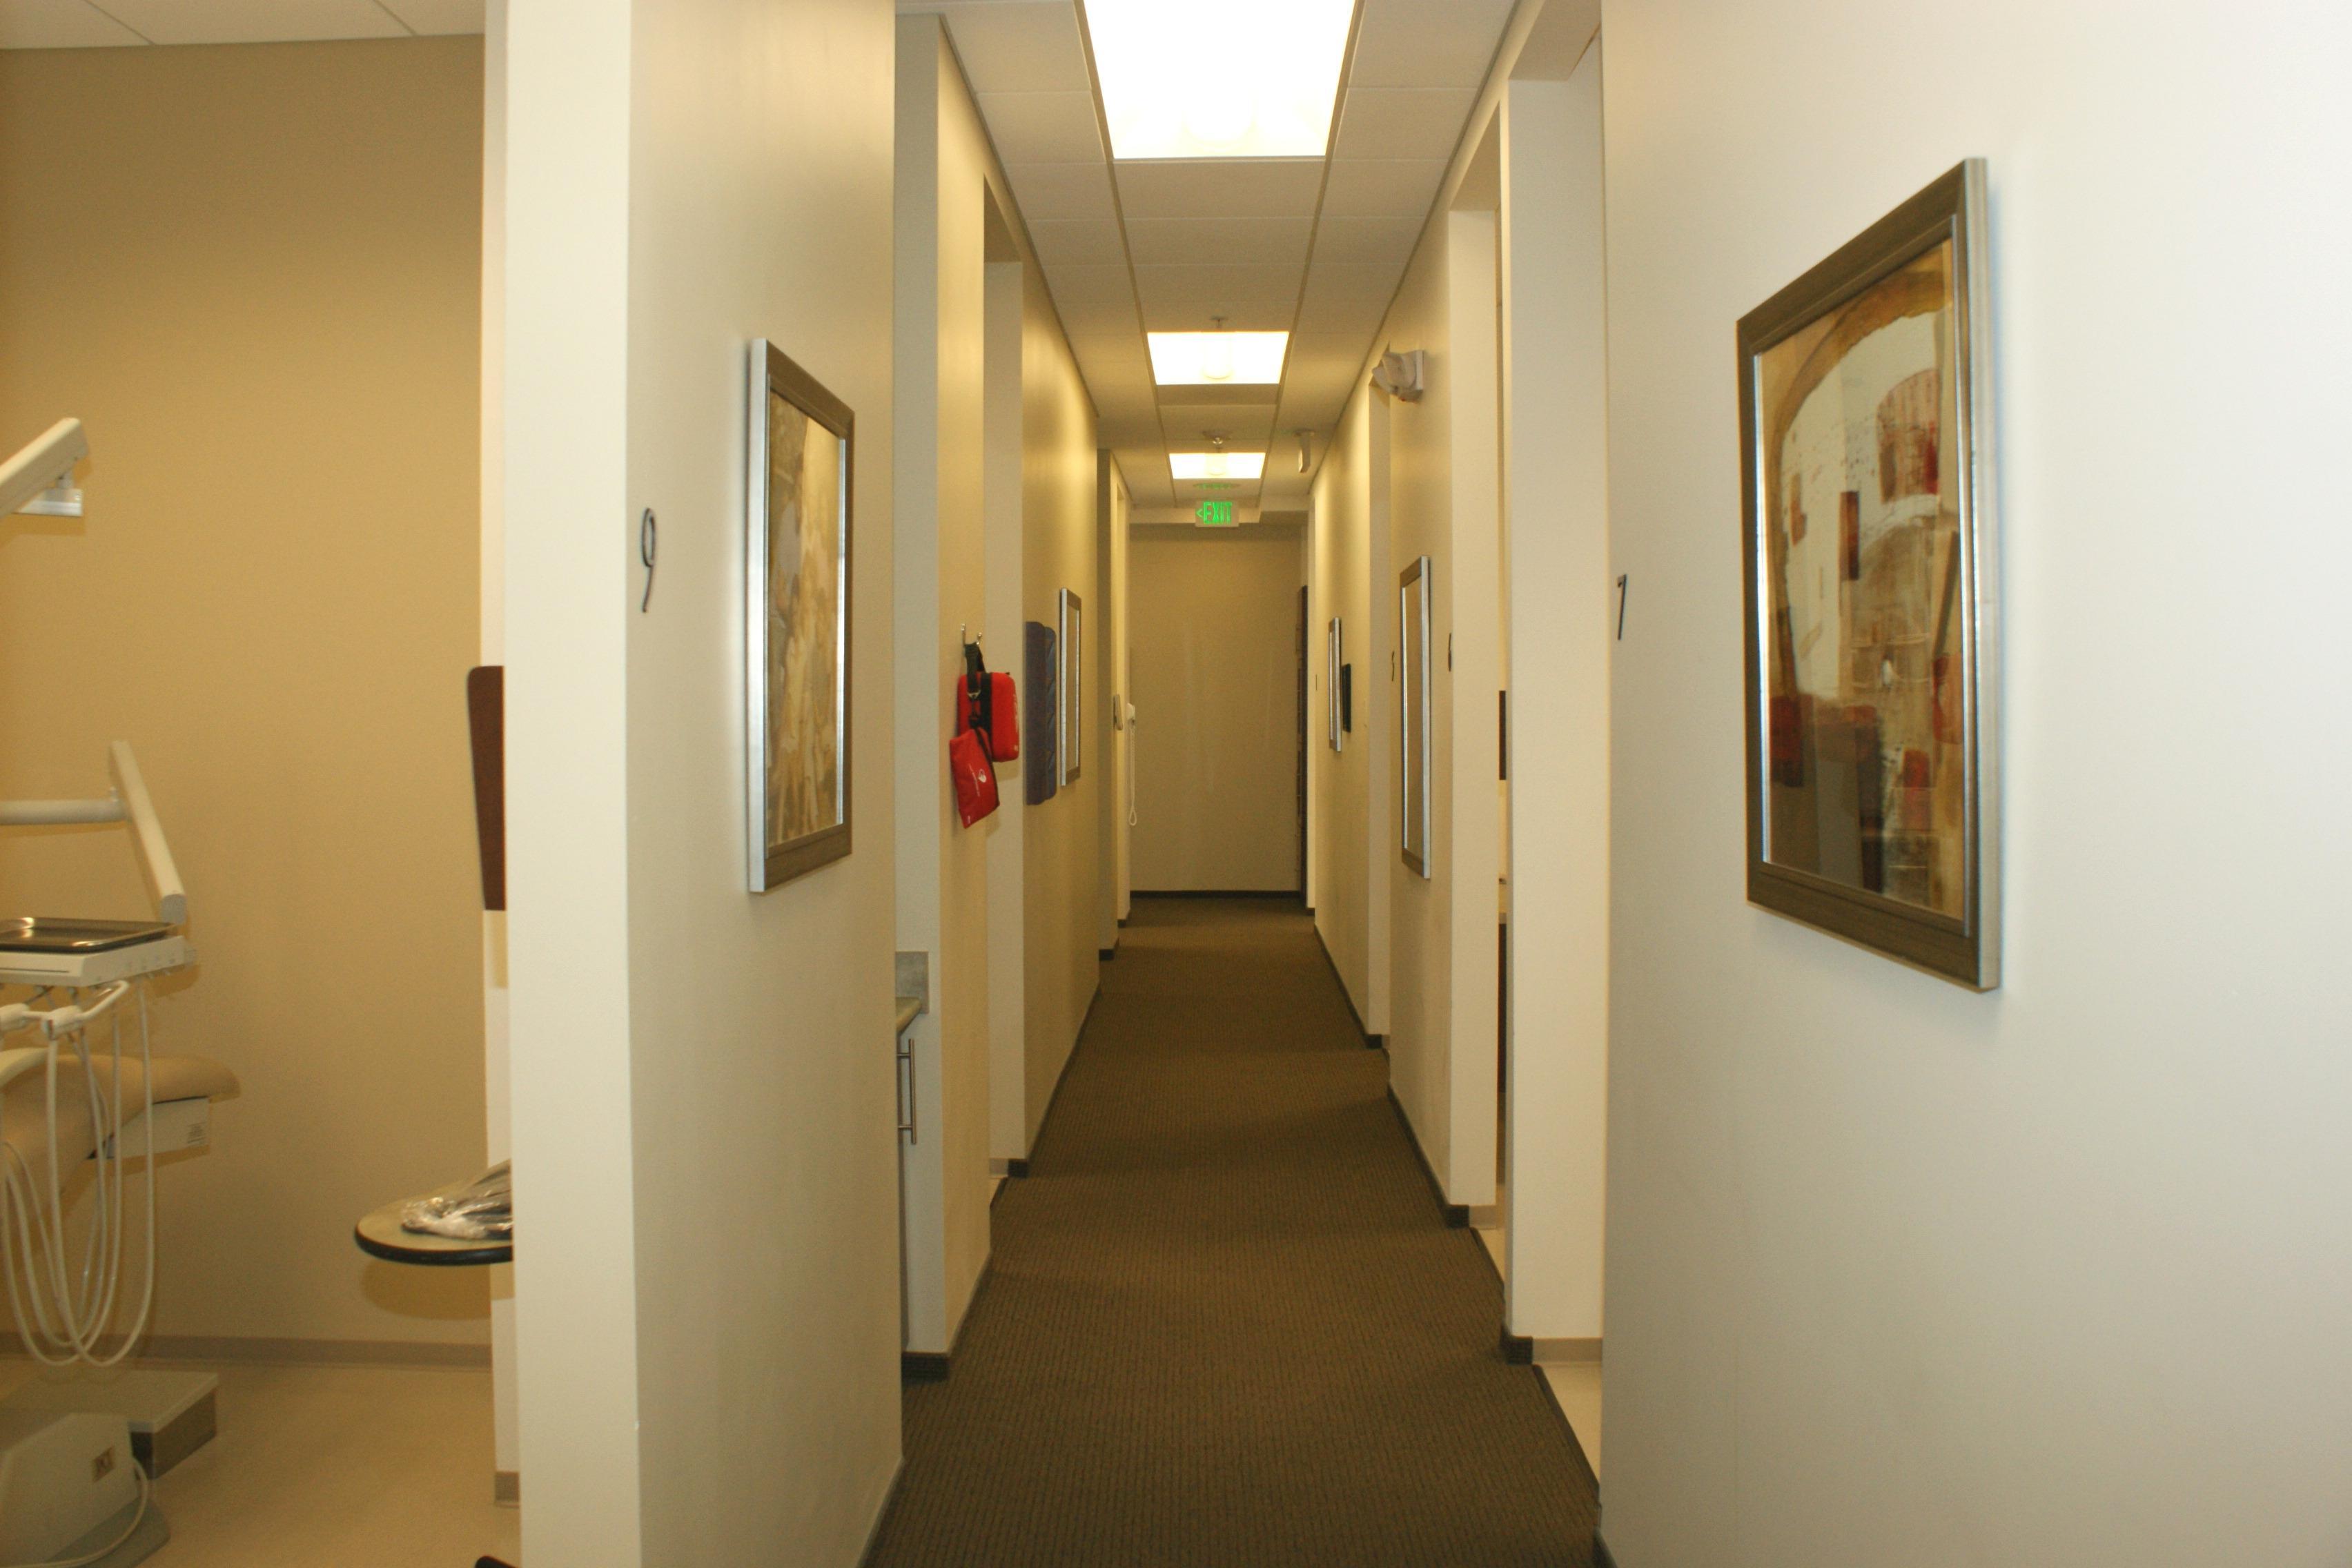 Southglenn Modern Dentistry image 6